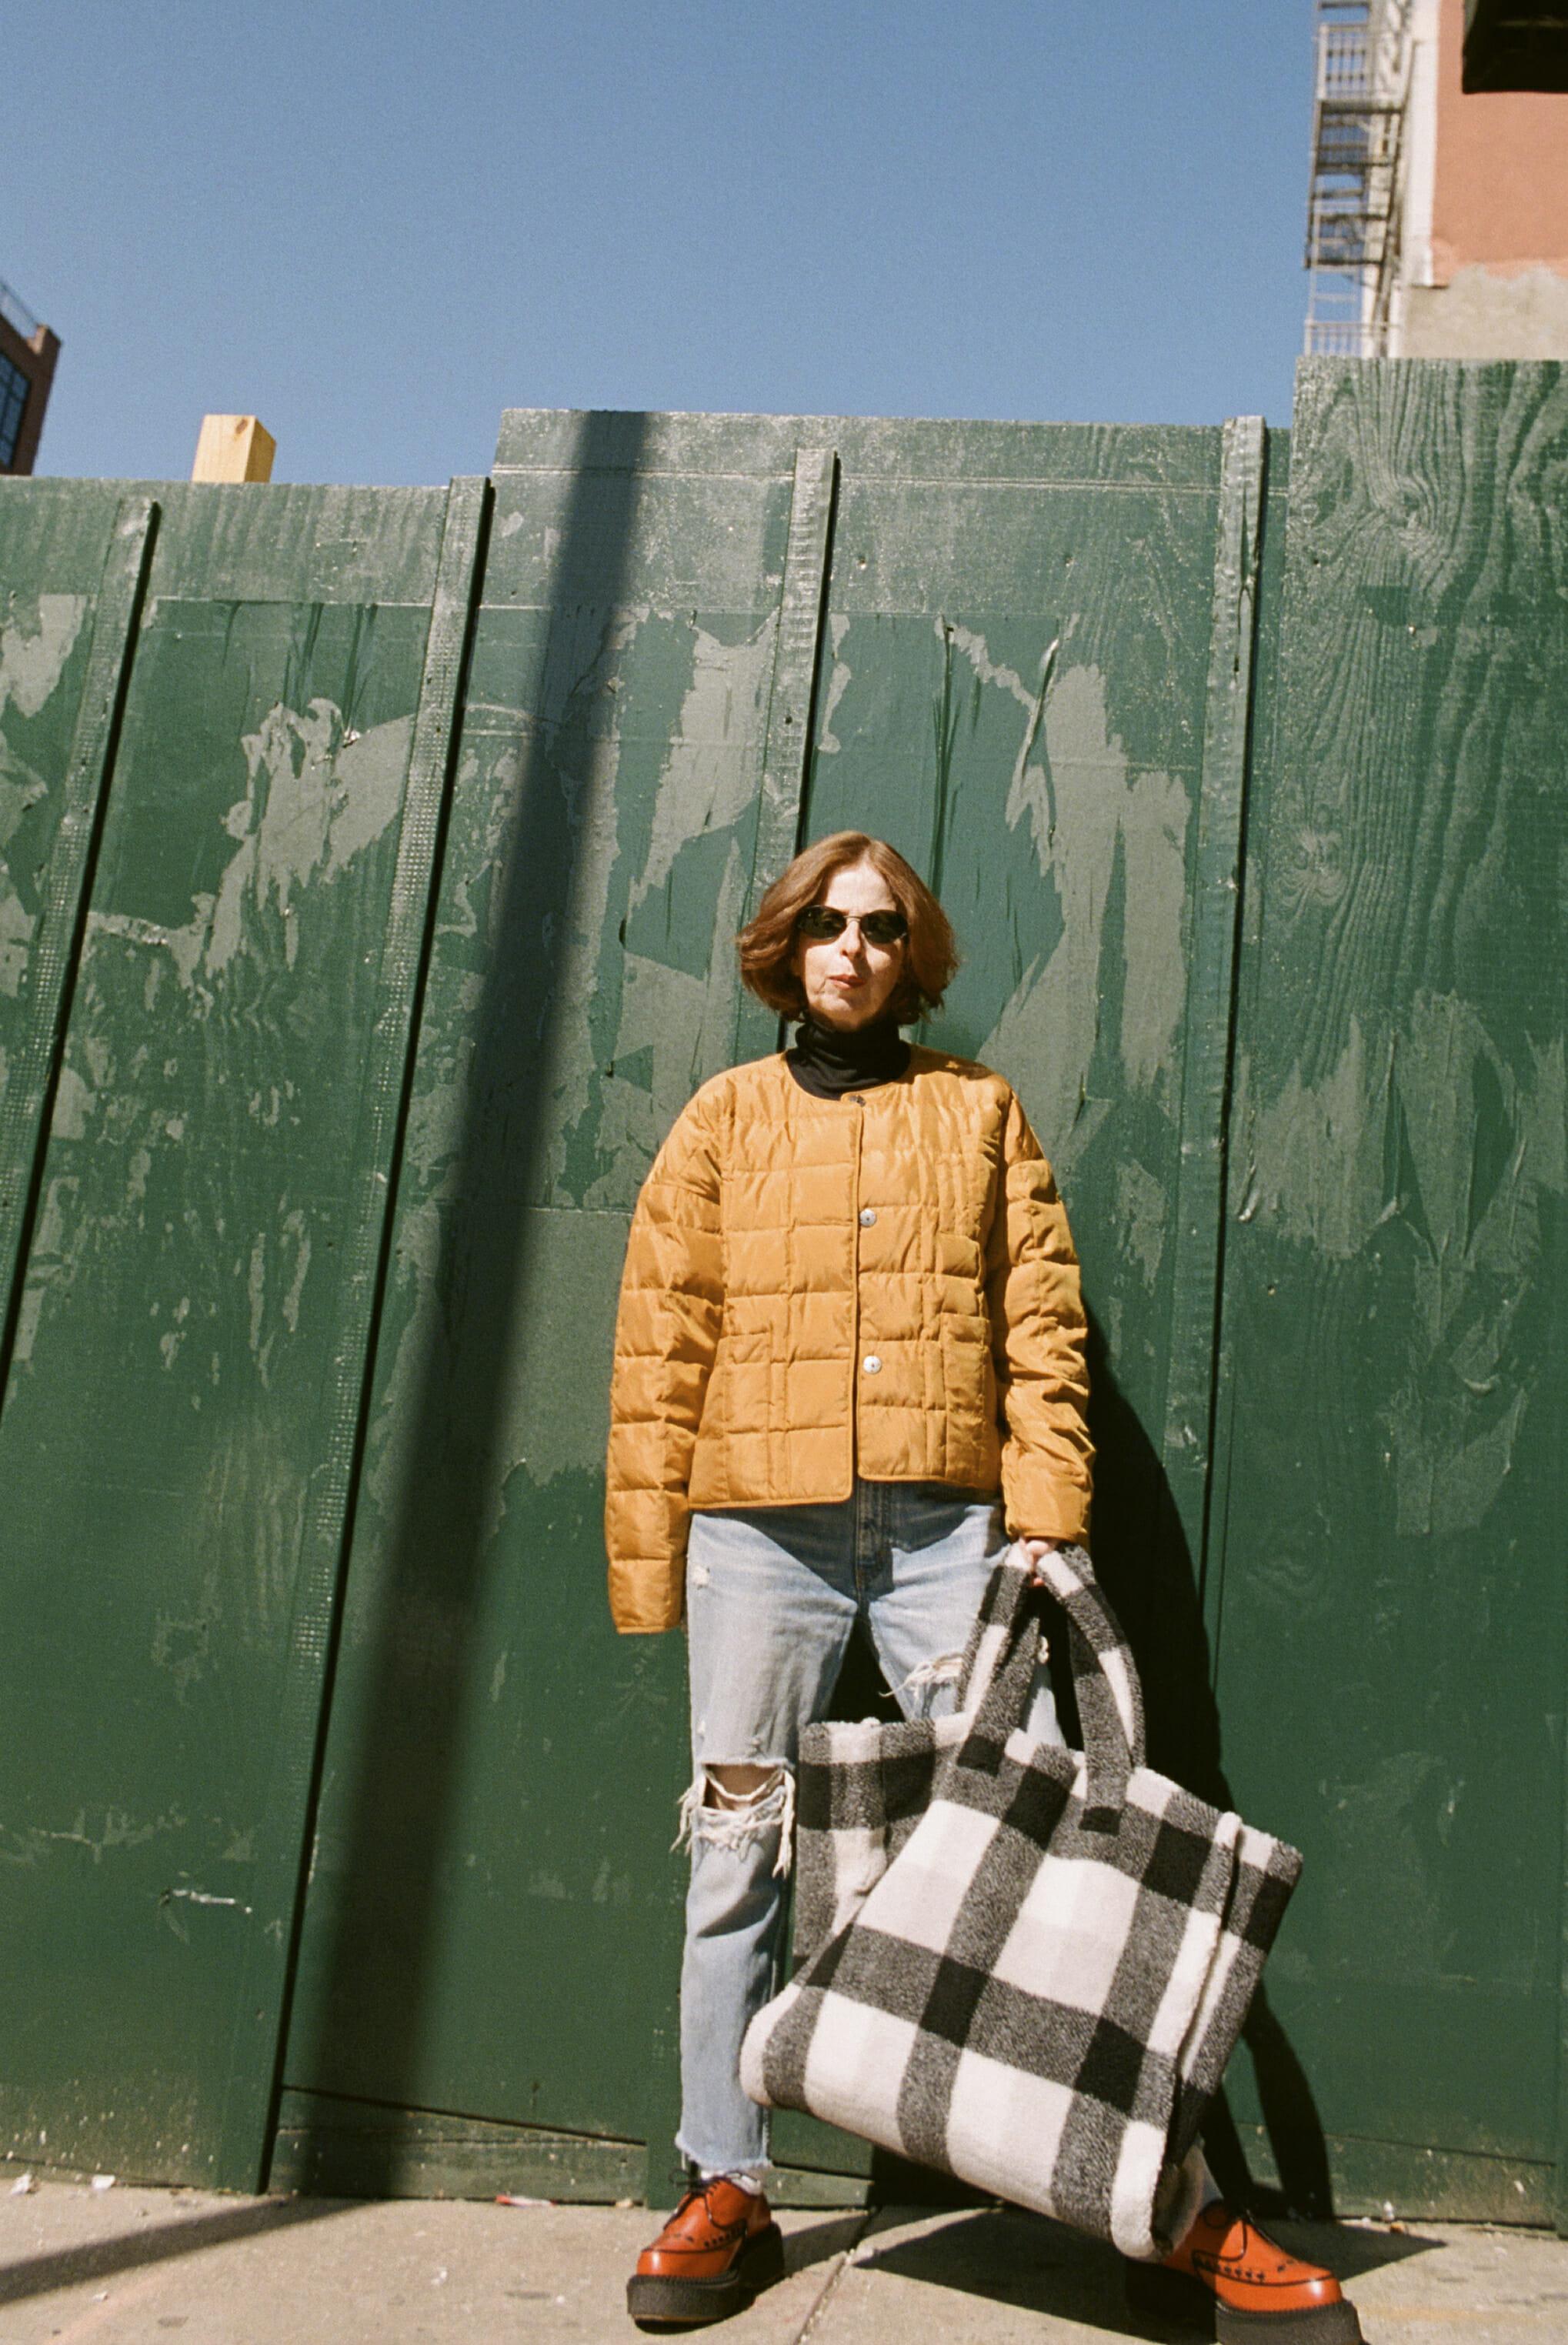 fall coats man repeller